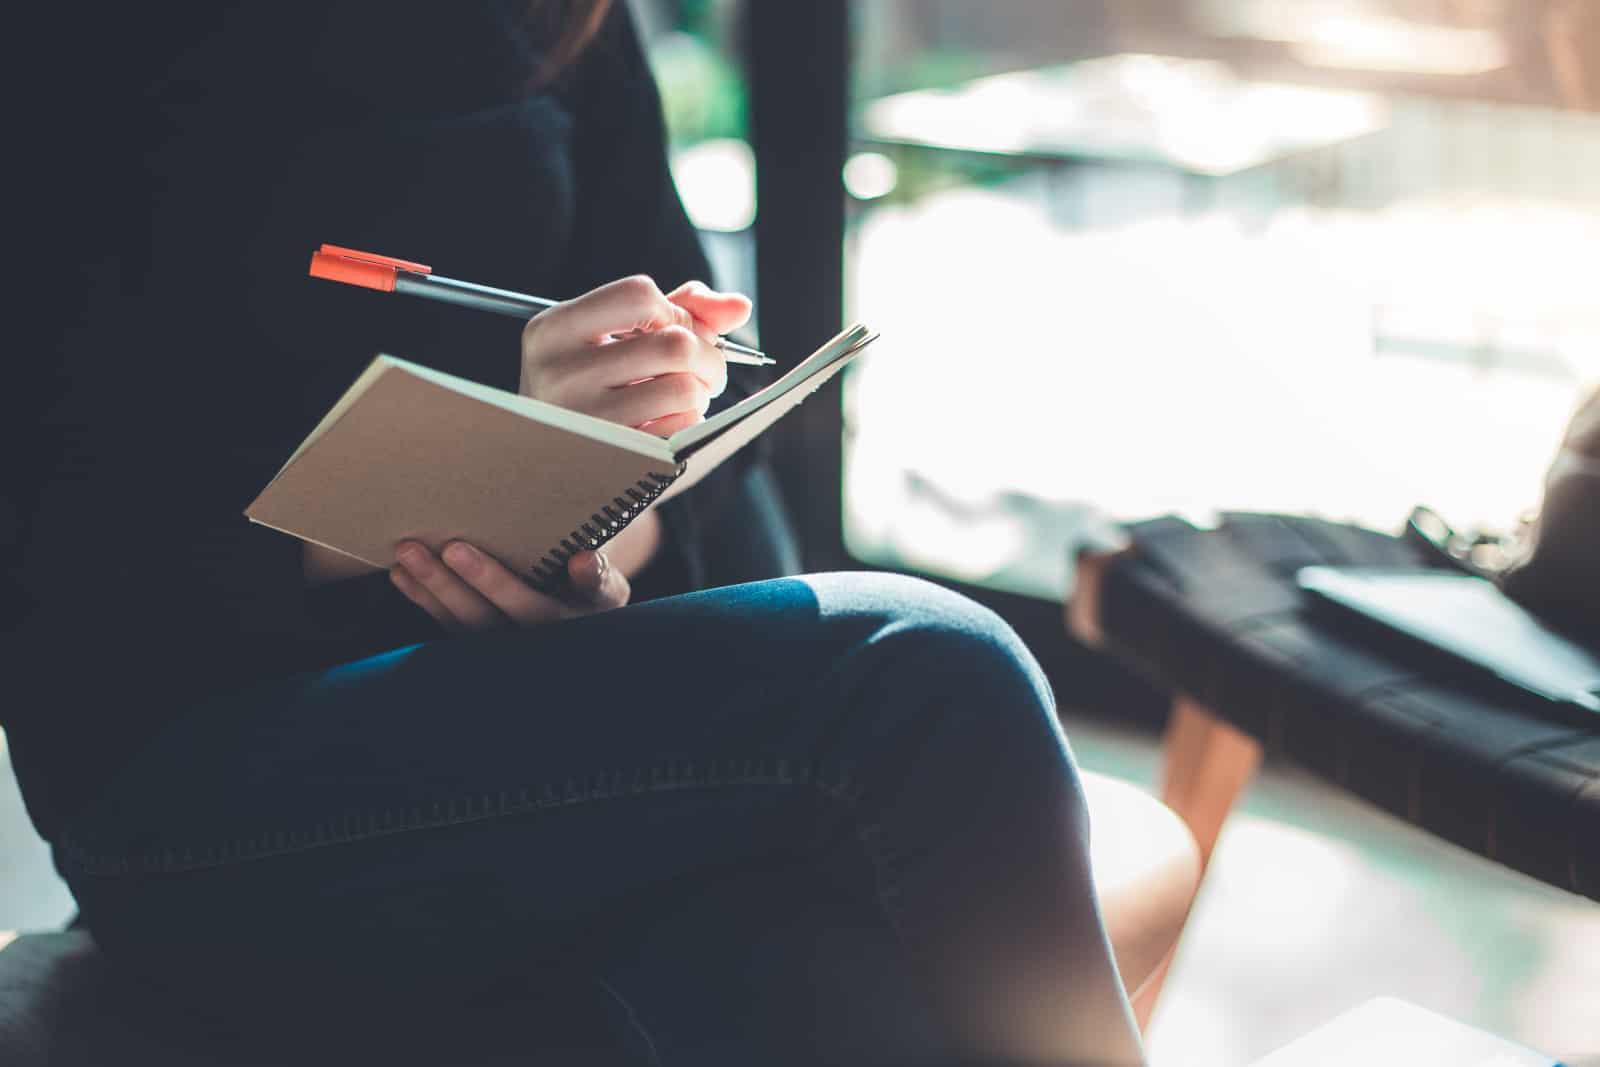 Das Mädchen sitzt auf einer Bank und macht sich Notizen